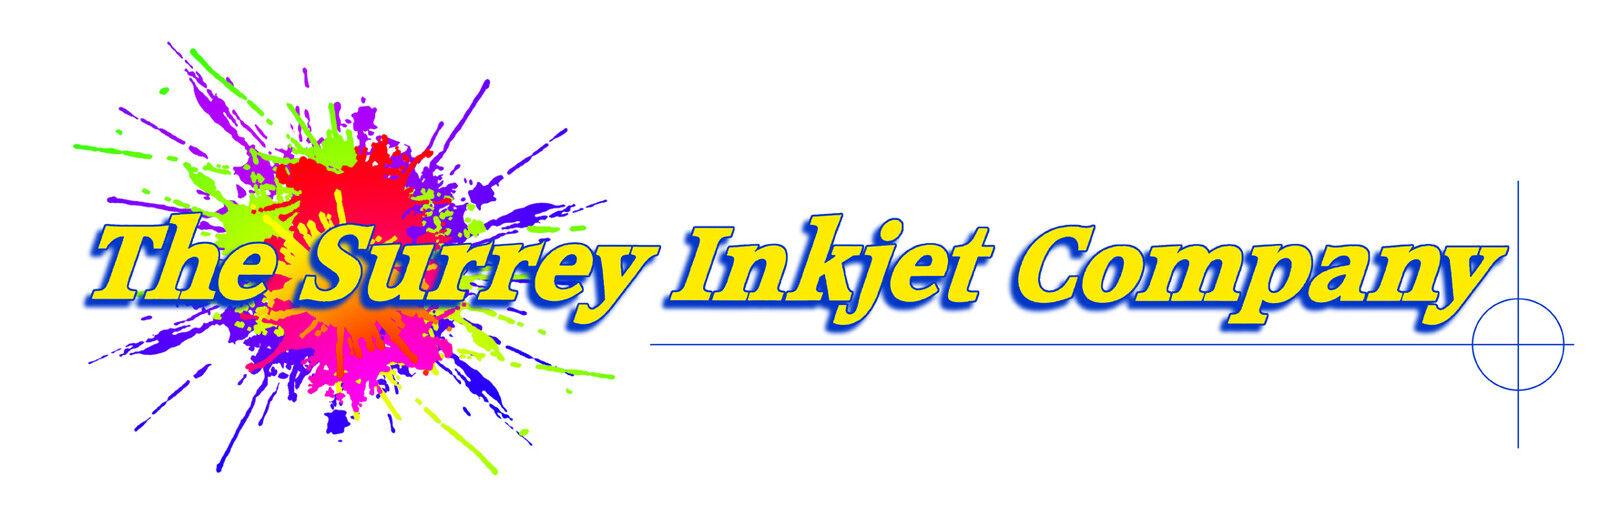 The Surrey Inkjet Company